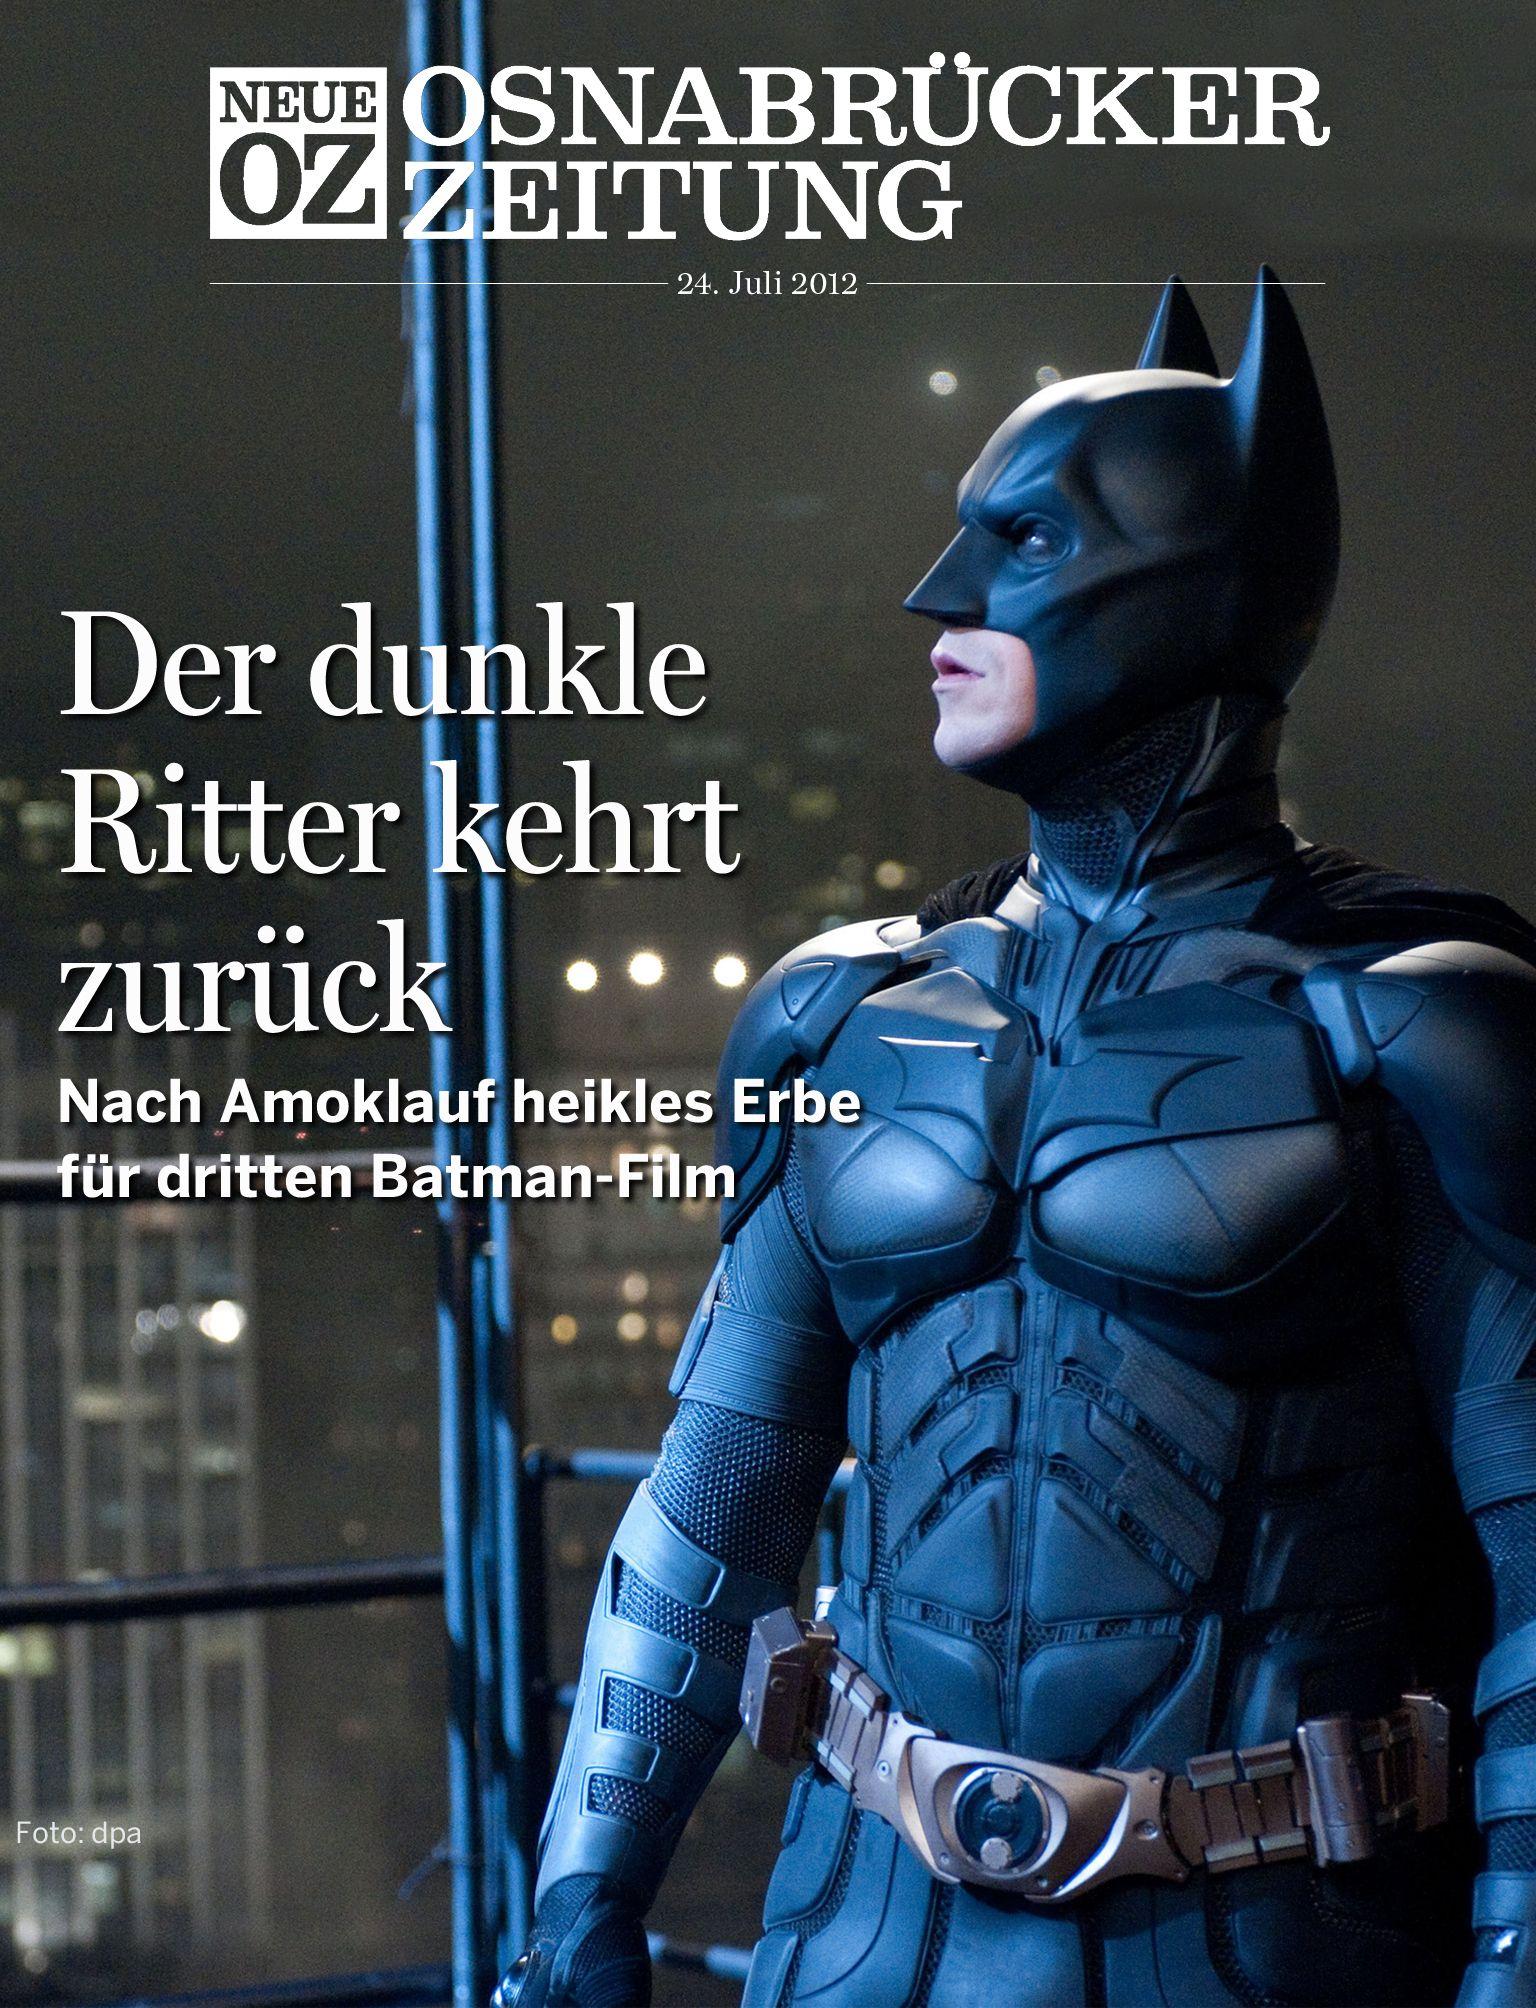 """Nach dem Amoklauf von Denver startet der """"The Dark Knight Rises"""" mit der schwersten Hypothek. Der Täter konnte den Film noch gar nicht gesehen haben – trotzdem steht das Werk im Zeichen seiner Tat. Unser Kritiker hat sich den neuen Batman-Film angesehen und schreibt darüber in der Titelgeschichte unserer iPad-Ausgabe vom 24. Juli 2012."""